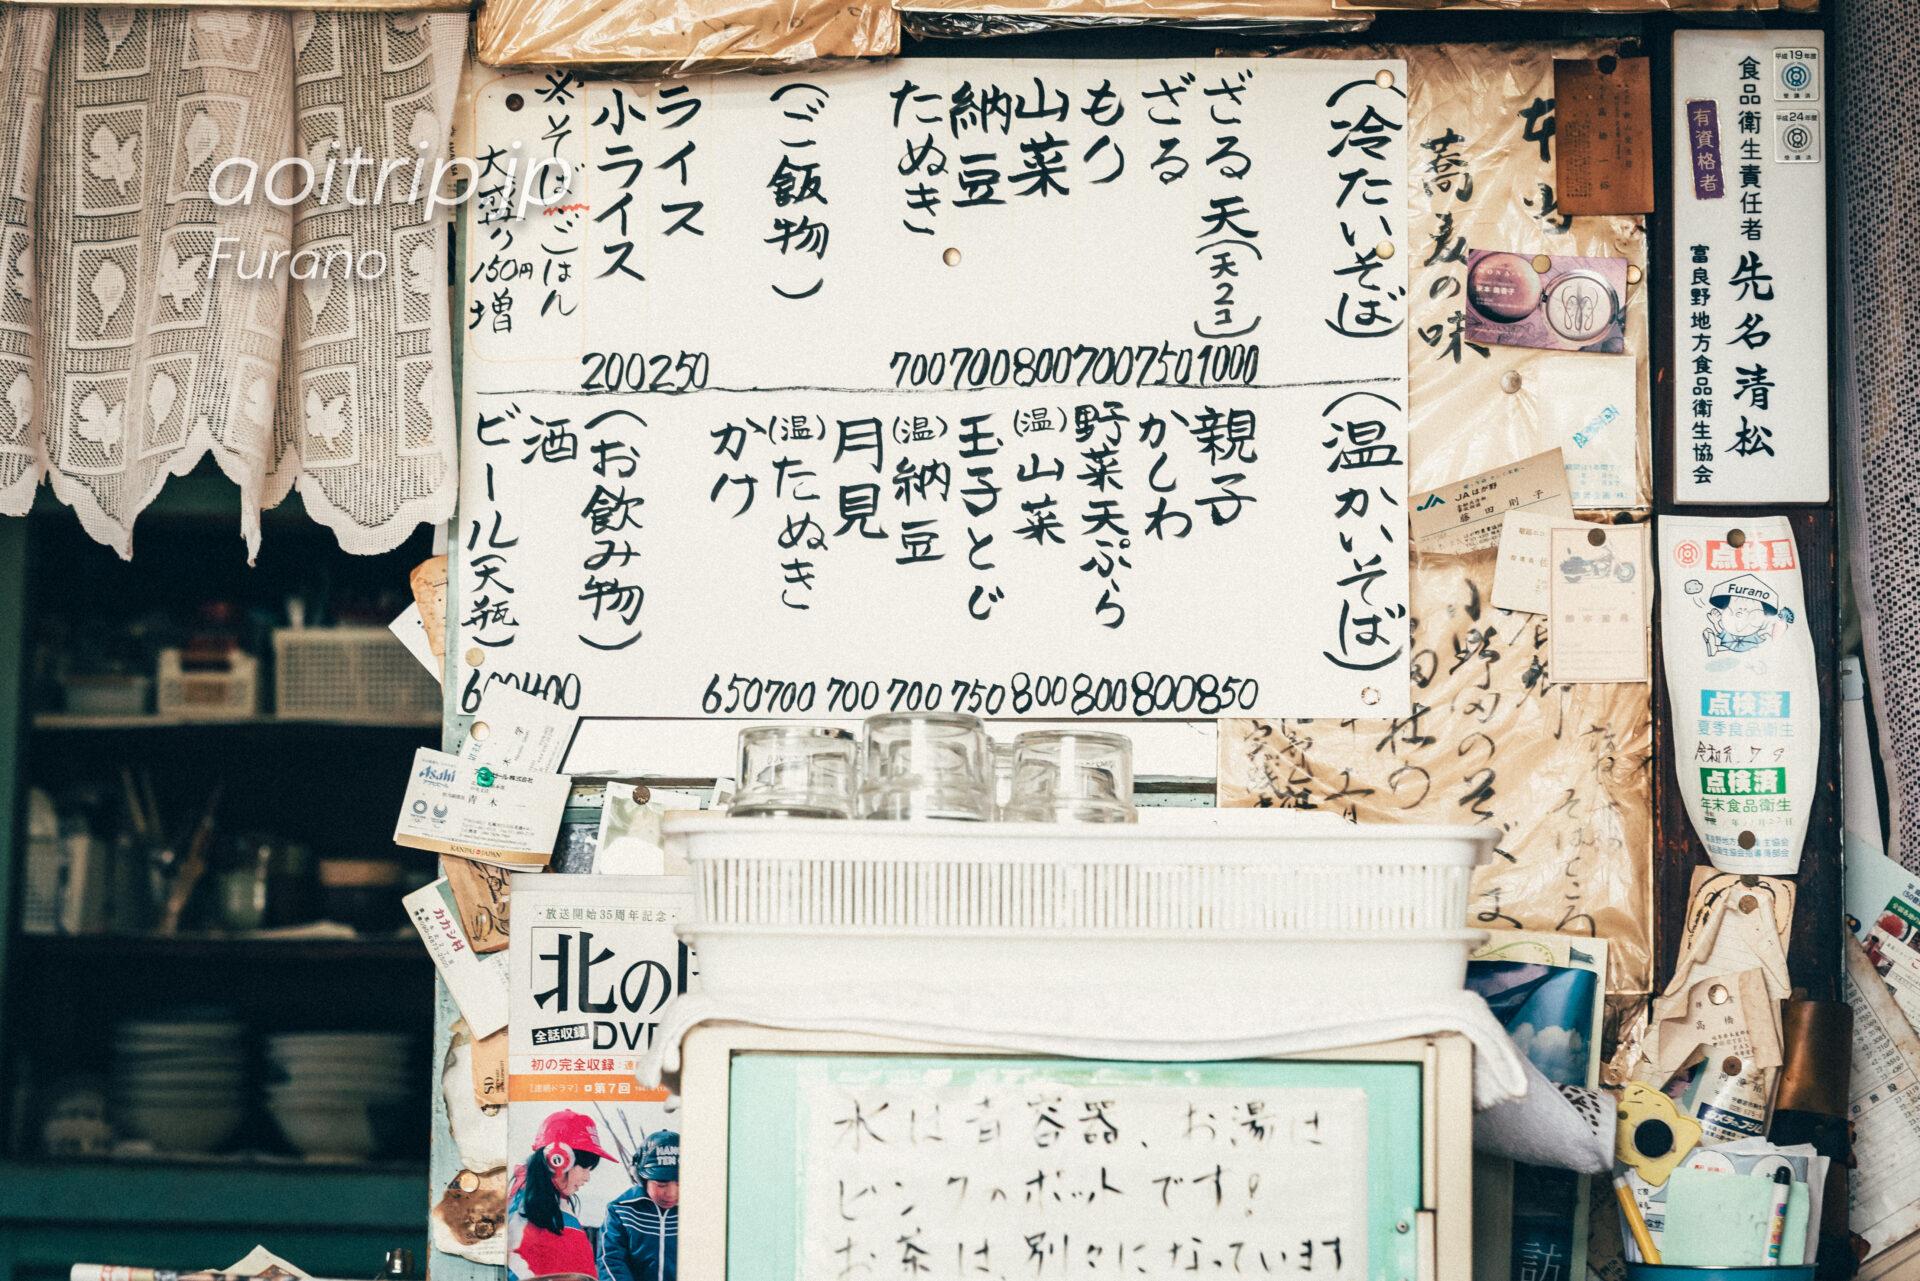 麓郷の小野田そばのメニュー